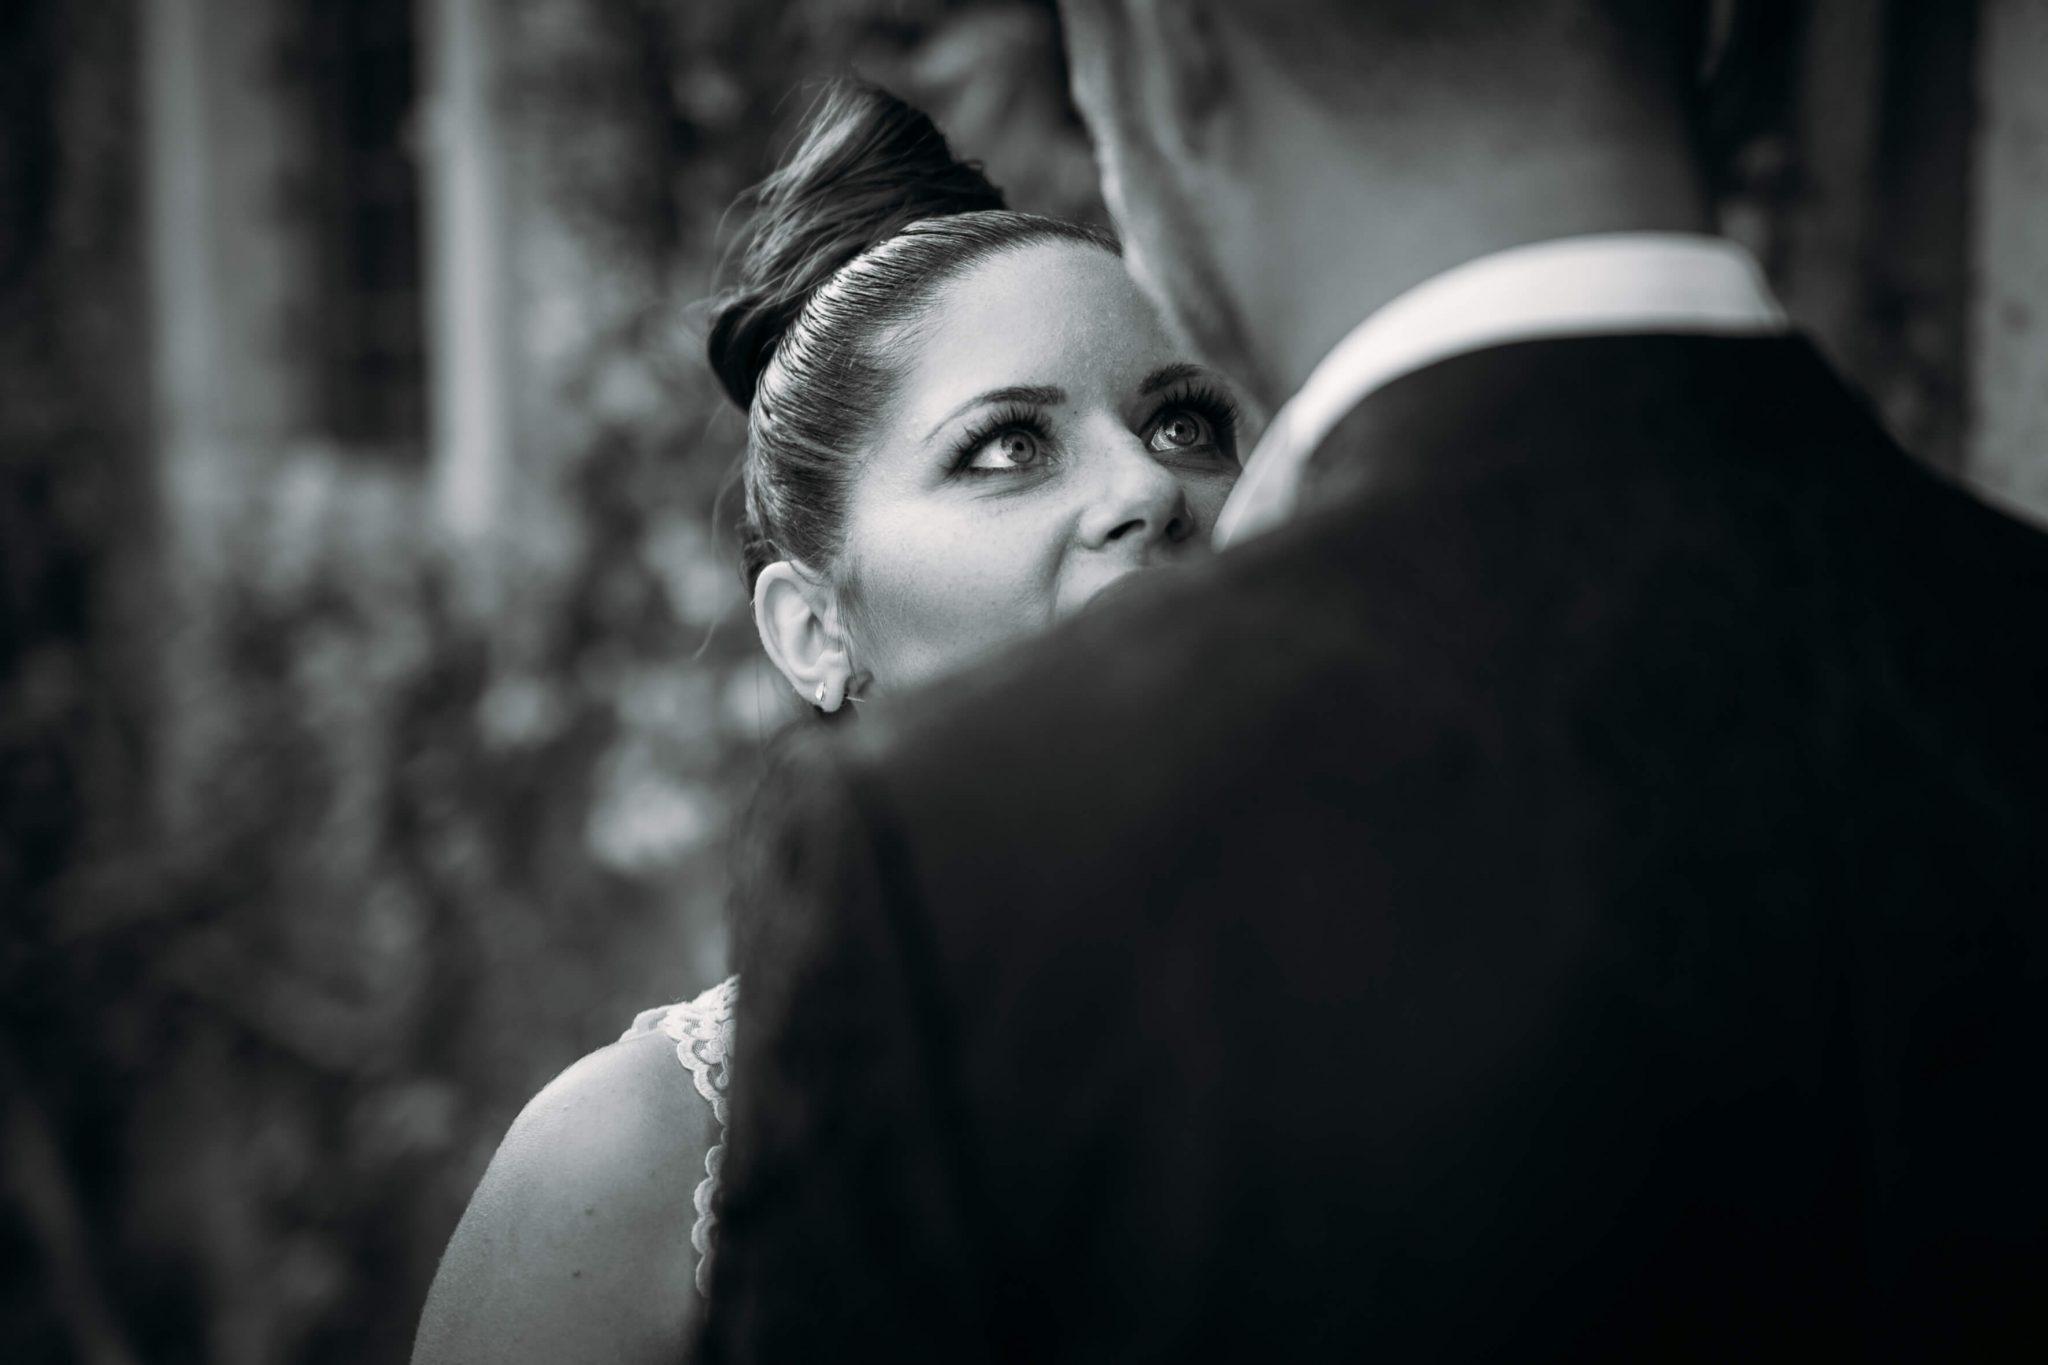 la sposa mentre guarda lo sposo